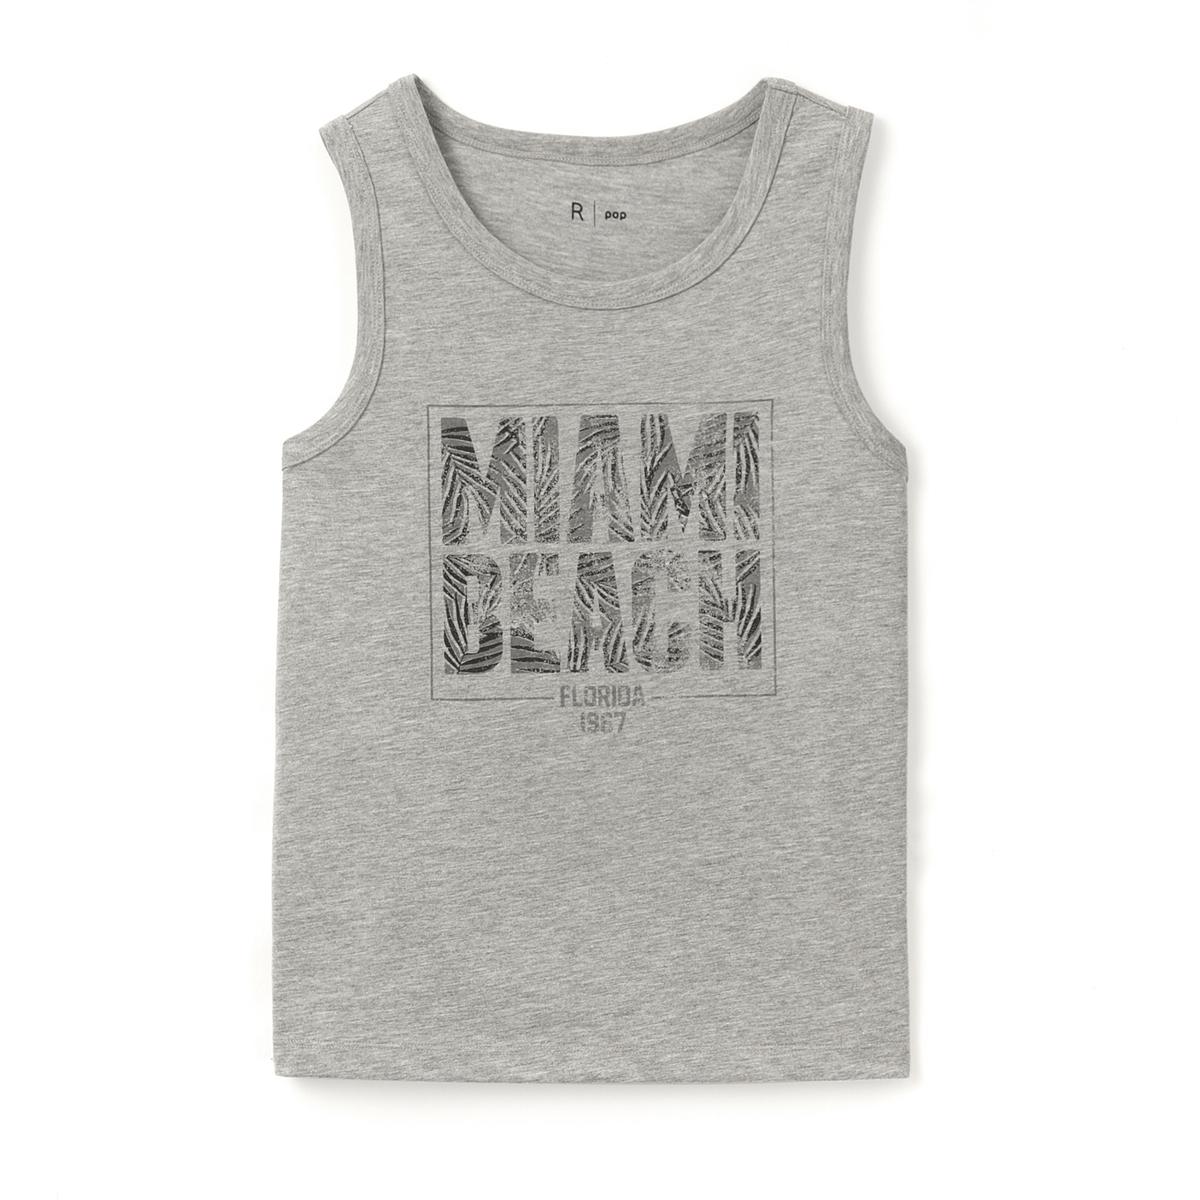 Топ с рисунком Miami Beach, 10-16 летСостав и описание : Материал       50% хлопка, 50% полиэстераМарка       R popУход :Машинная стирка при 30 °C с вещами схожих цветов.Стирать и гладить с изнаночной стороны.Машинная сушка в умеренном режиме.Гладить при низкой температуре.<br><br>Цвет: серый меланж<br>Размер: 10 лет - 138 см